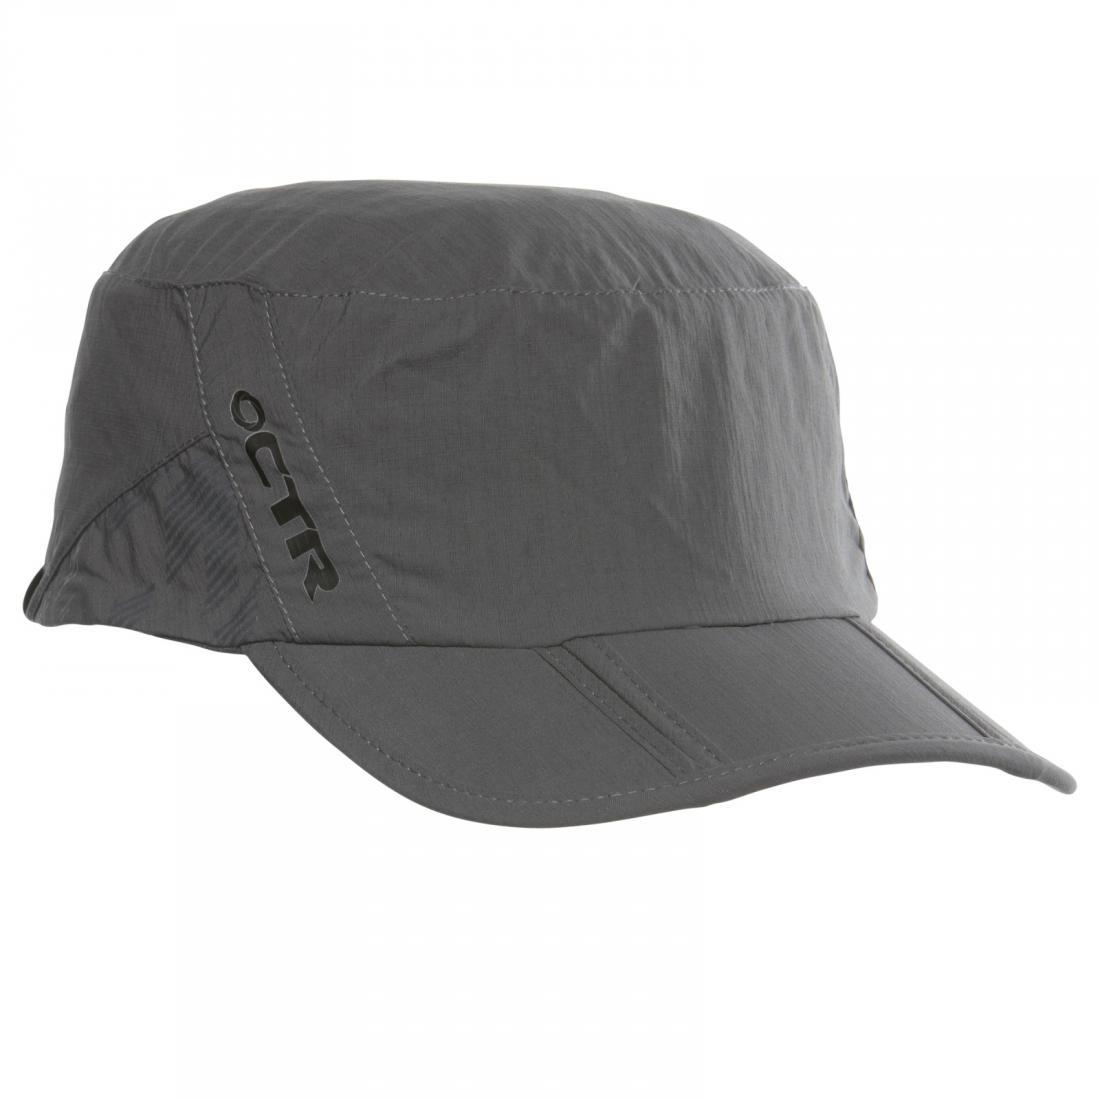 Кепка Chaos  Summit Cadet CapКепки<br><br> Chaos Summit Cadet Cap — это отличная кепка в стиле «милитари». Она идеальна для прогулок в солнечную погоду, а также занятий спортом. Качественные материалы и безупречный крой гарантируют надежность и долговечность даже при частом использовании.<br>...<br><br>Цвет: Темно-серый<br>Размер: L-XL